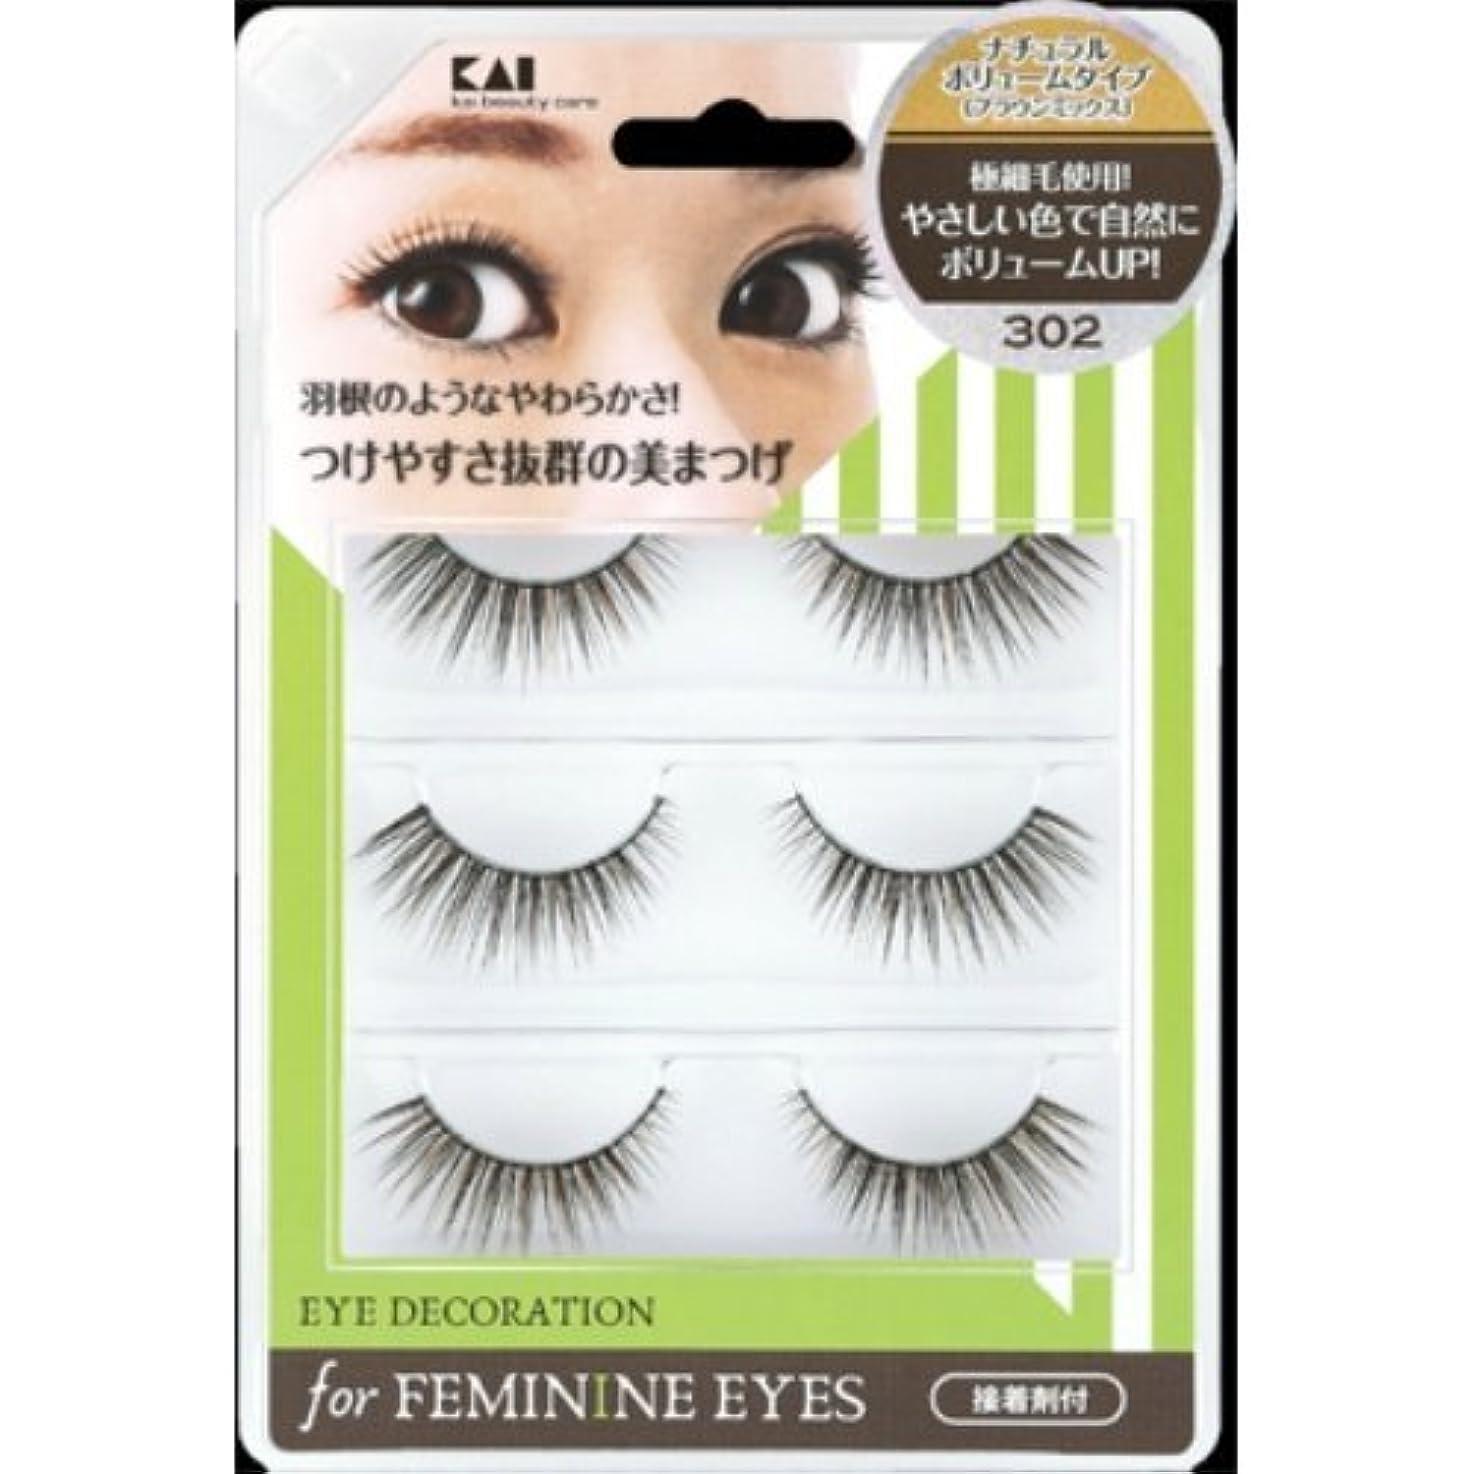 弁護促進する降ろす貝印 アイデコレーション for feminine eyes 302 HC1562